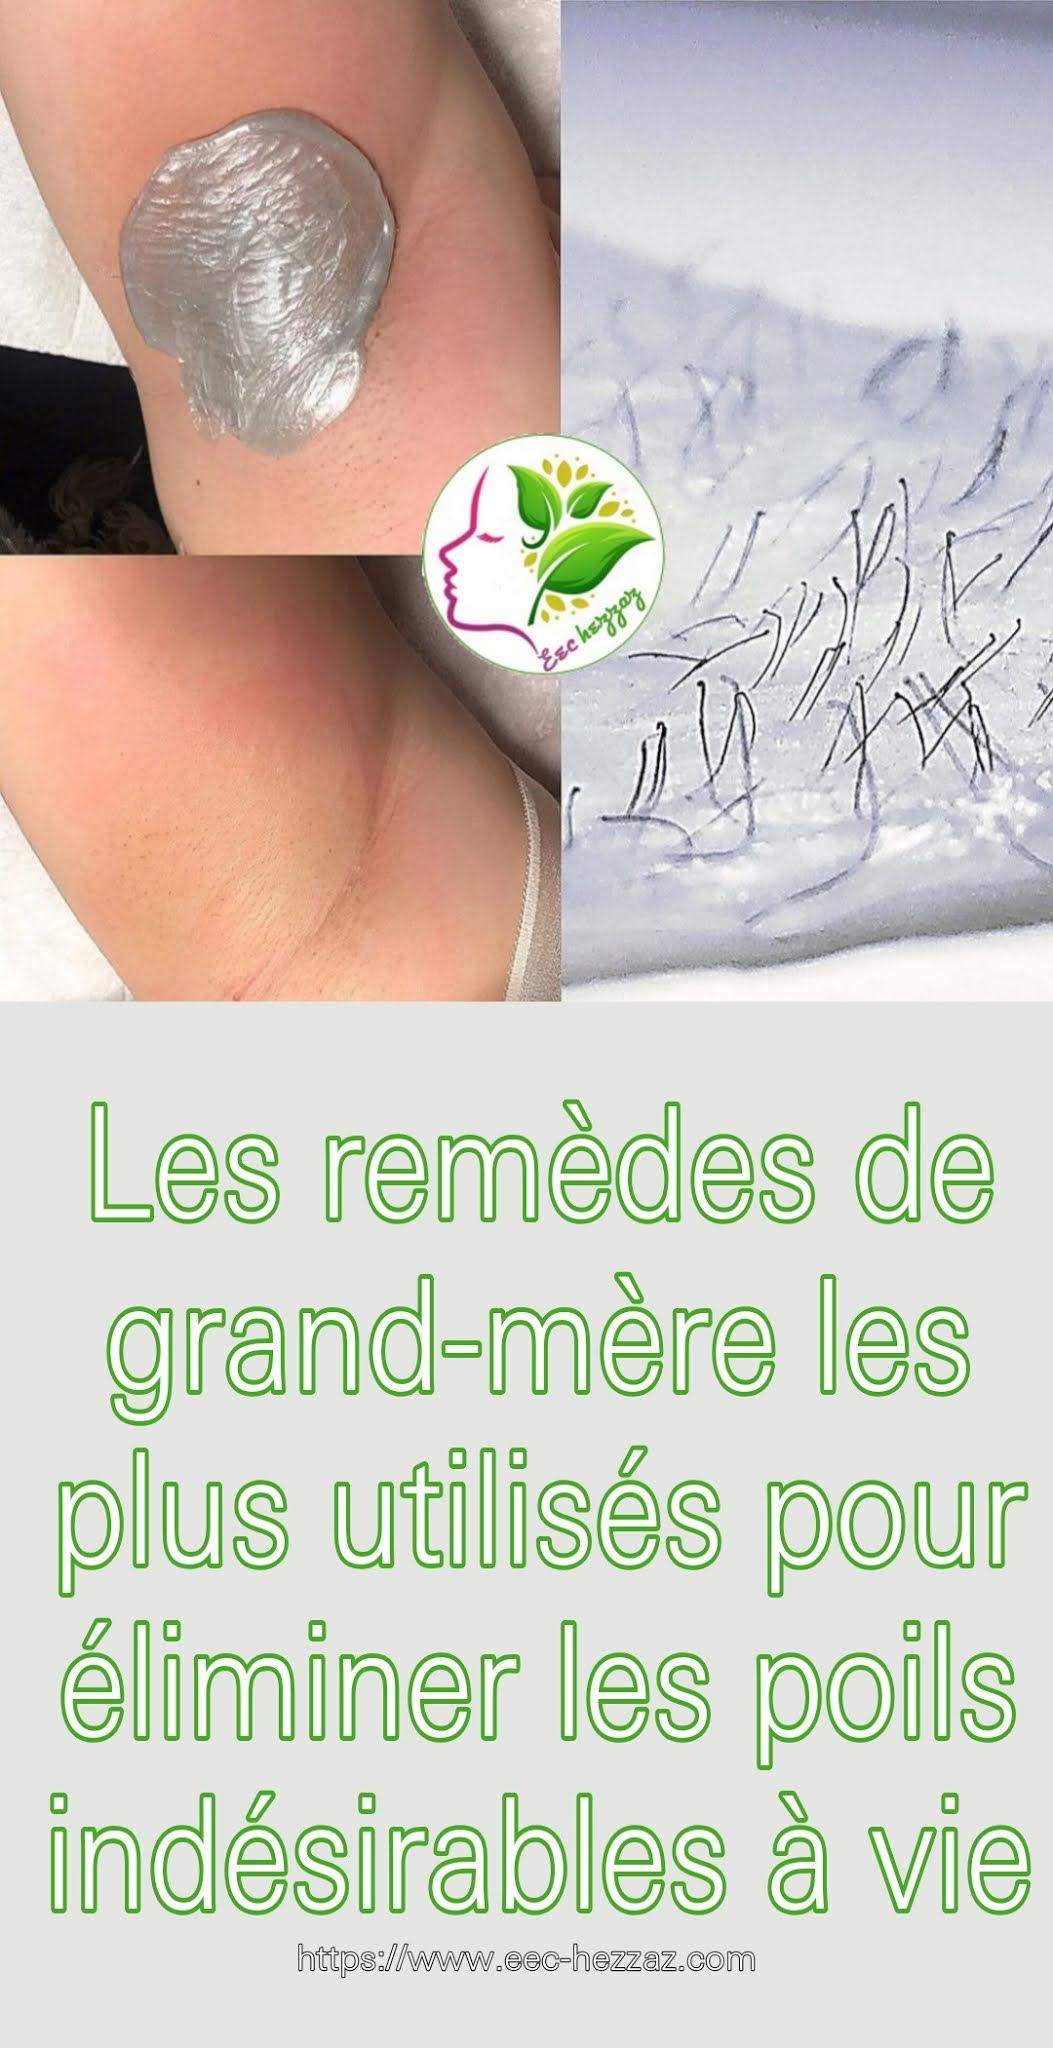 Les remèdes de grand-mère les plus utilisés pour éliminer les poils indésirables à vie